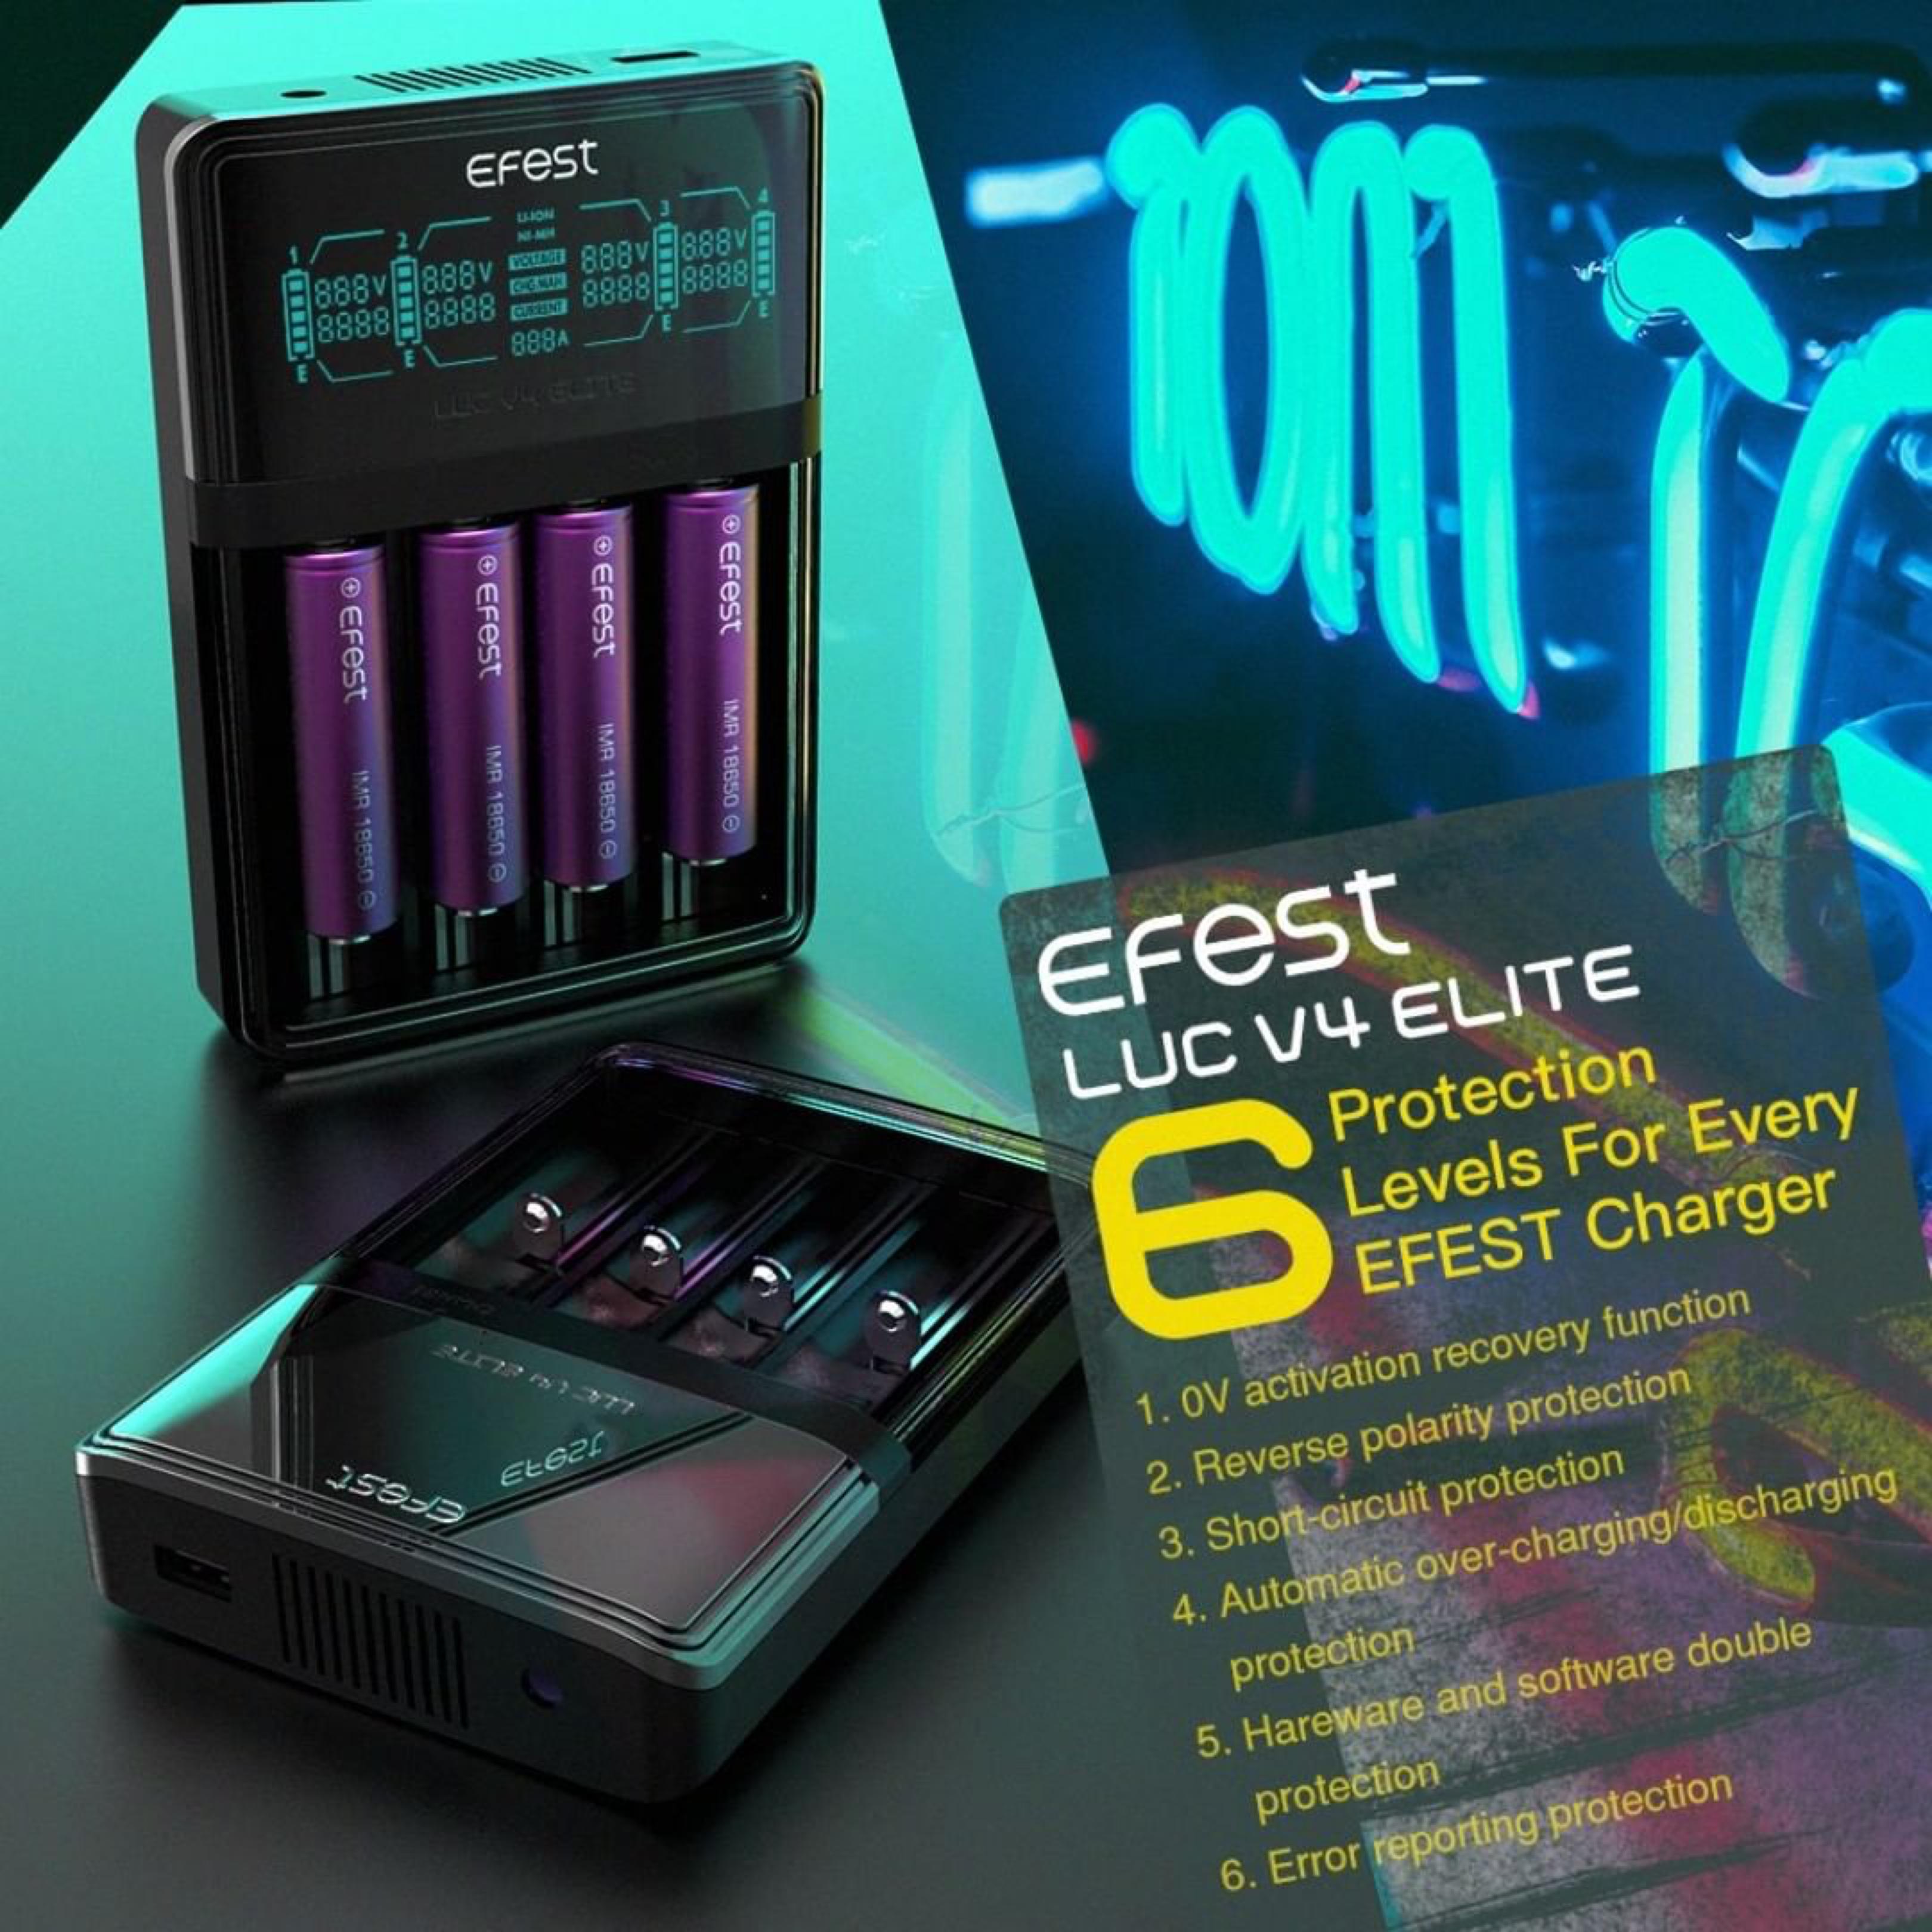 Efest - LUC V4 ELITE HD LCD Charger